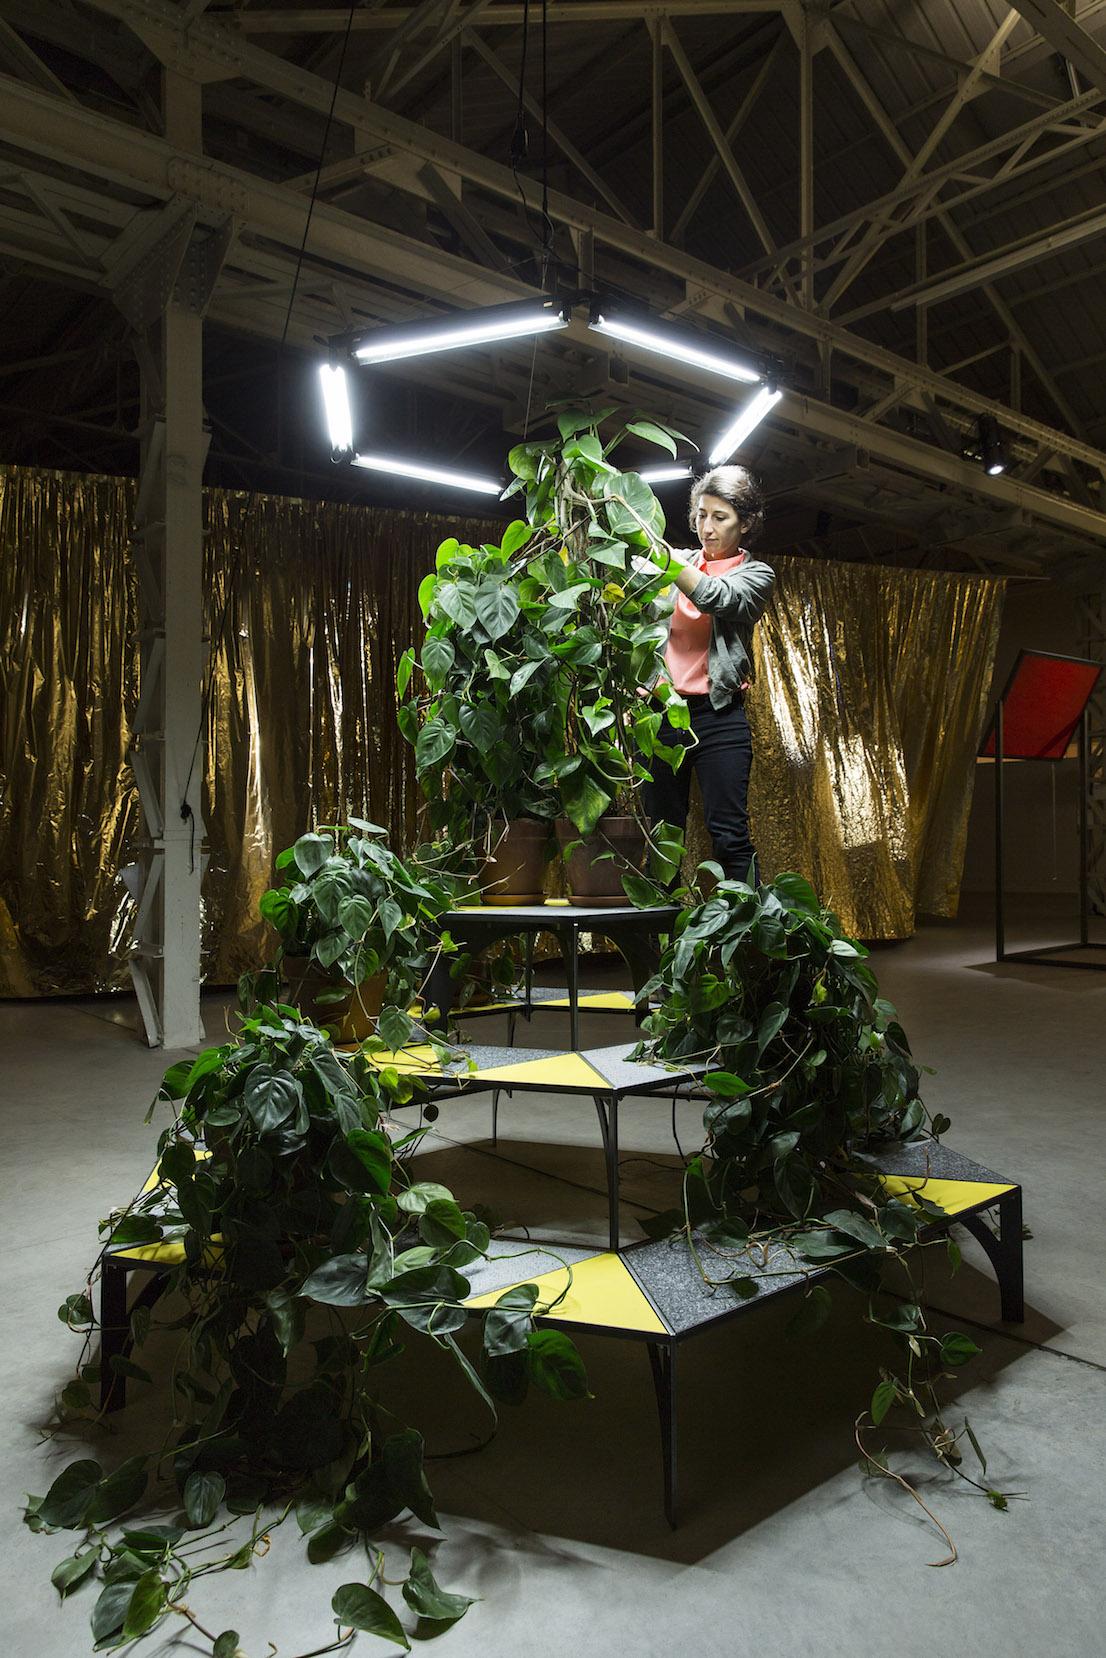 Celine Condorelli A Bras Le Corps – with Philodendron (to Amalia Pica), 2014. Courtesy: l'artista, Fondazione HangarBicocca, Milano. Foto Agostino Osio.